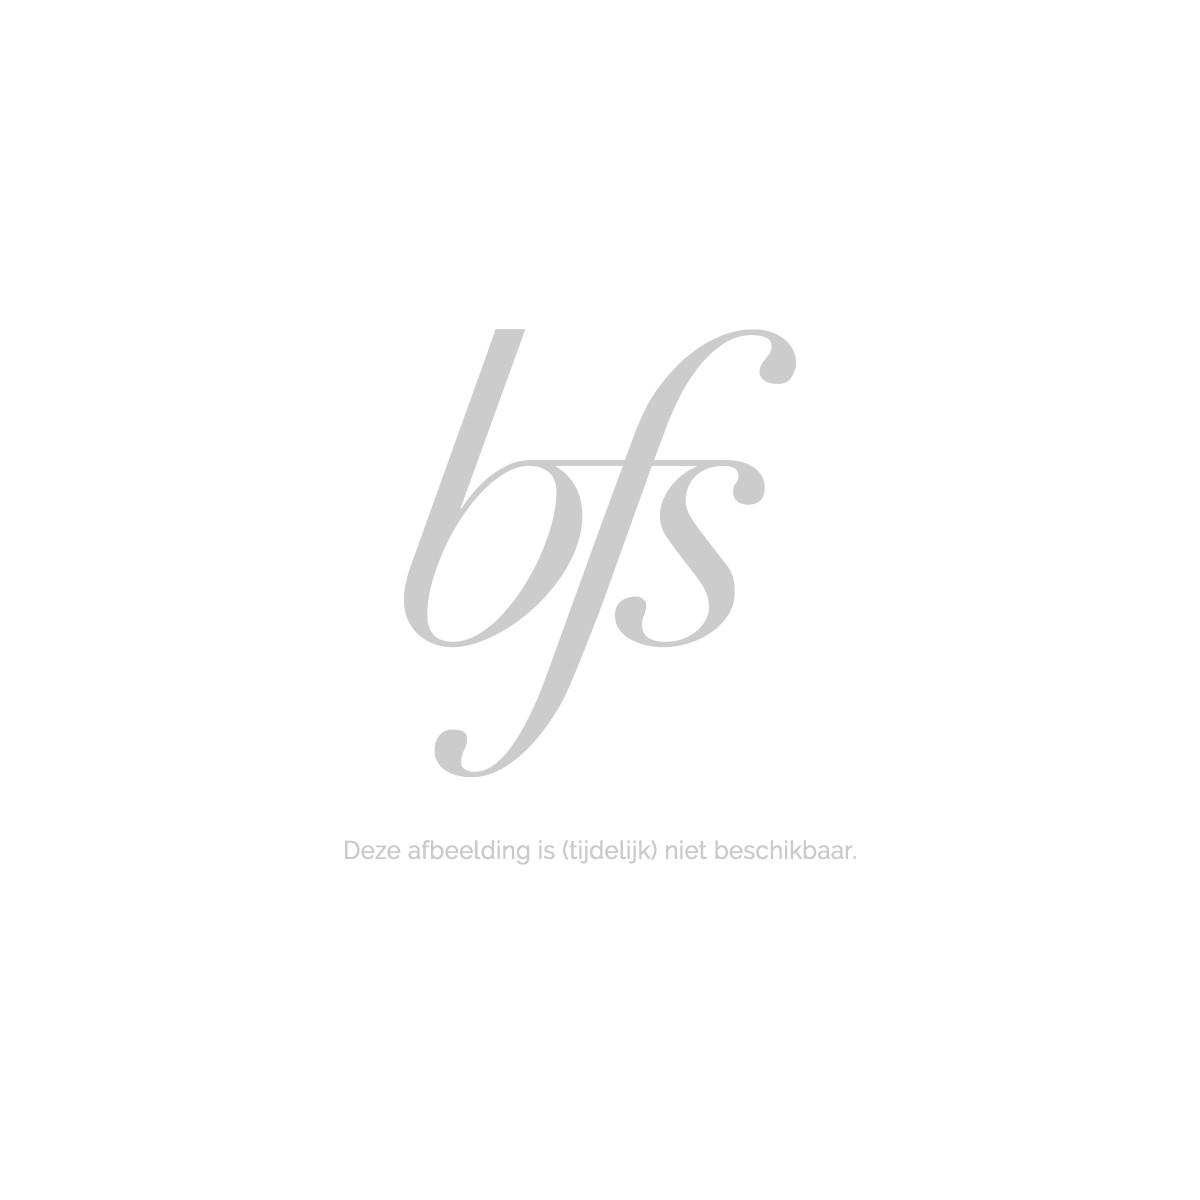 Marc Jacobs Divine Decadence Eau de Parfum 50 ml